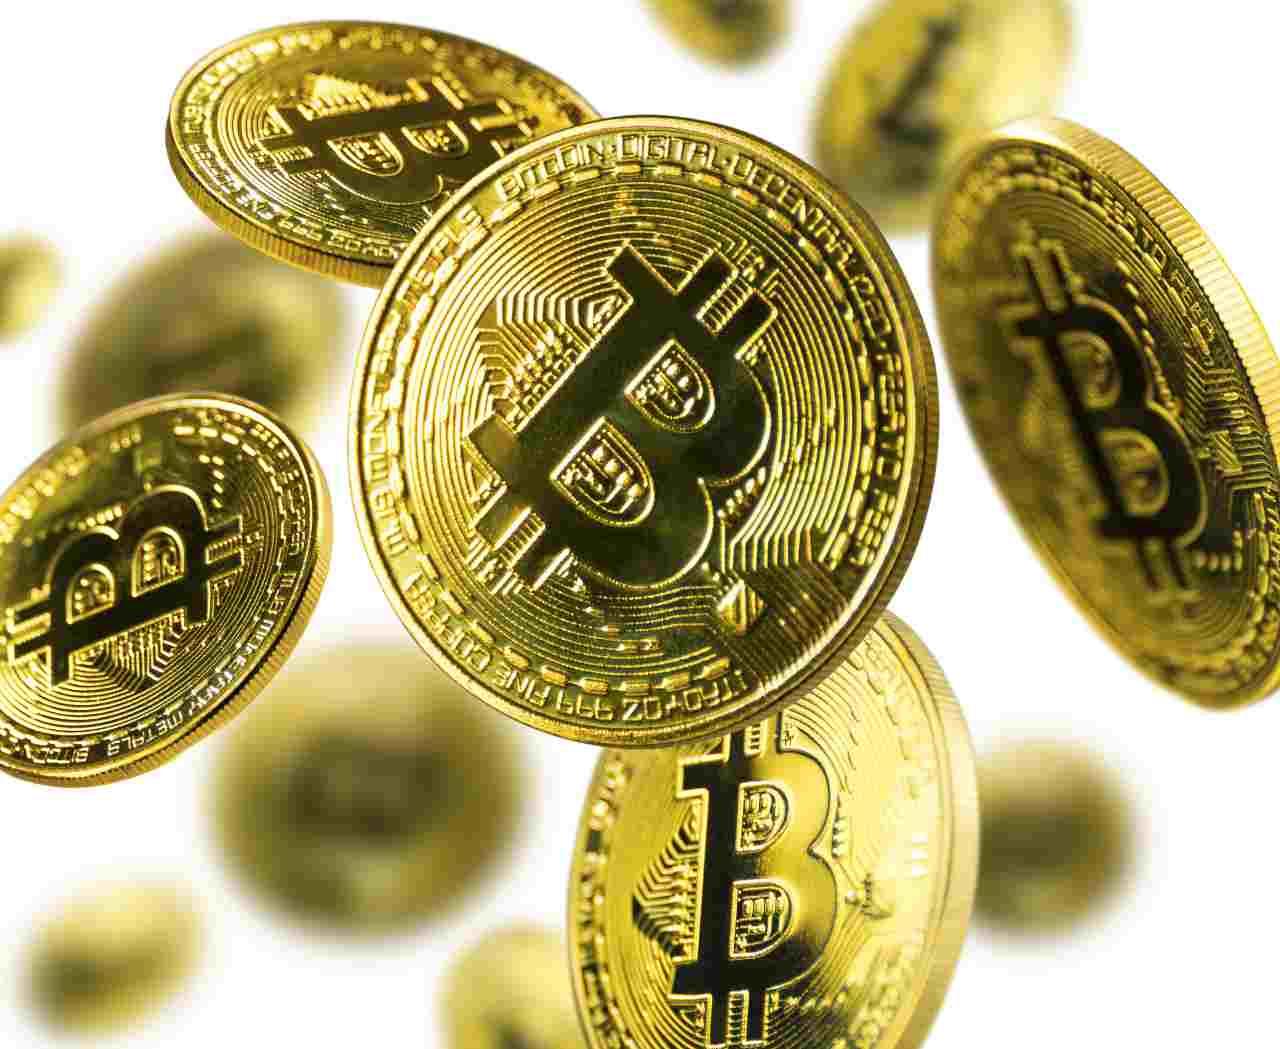 Bitcoin, l'audace colpo di due fratelli (Adobe Stock)